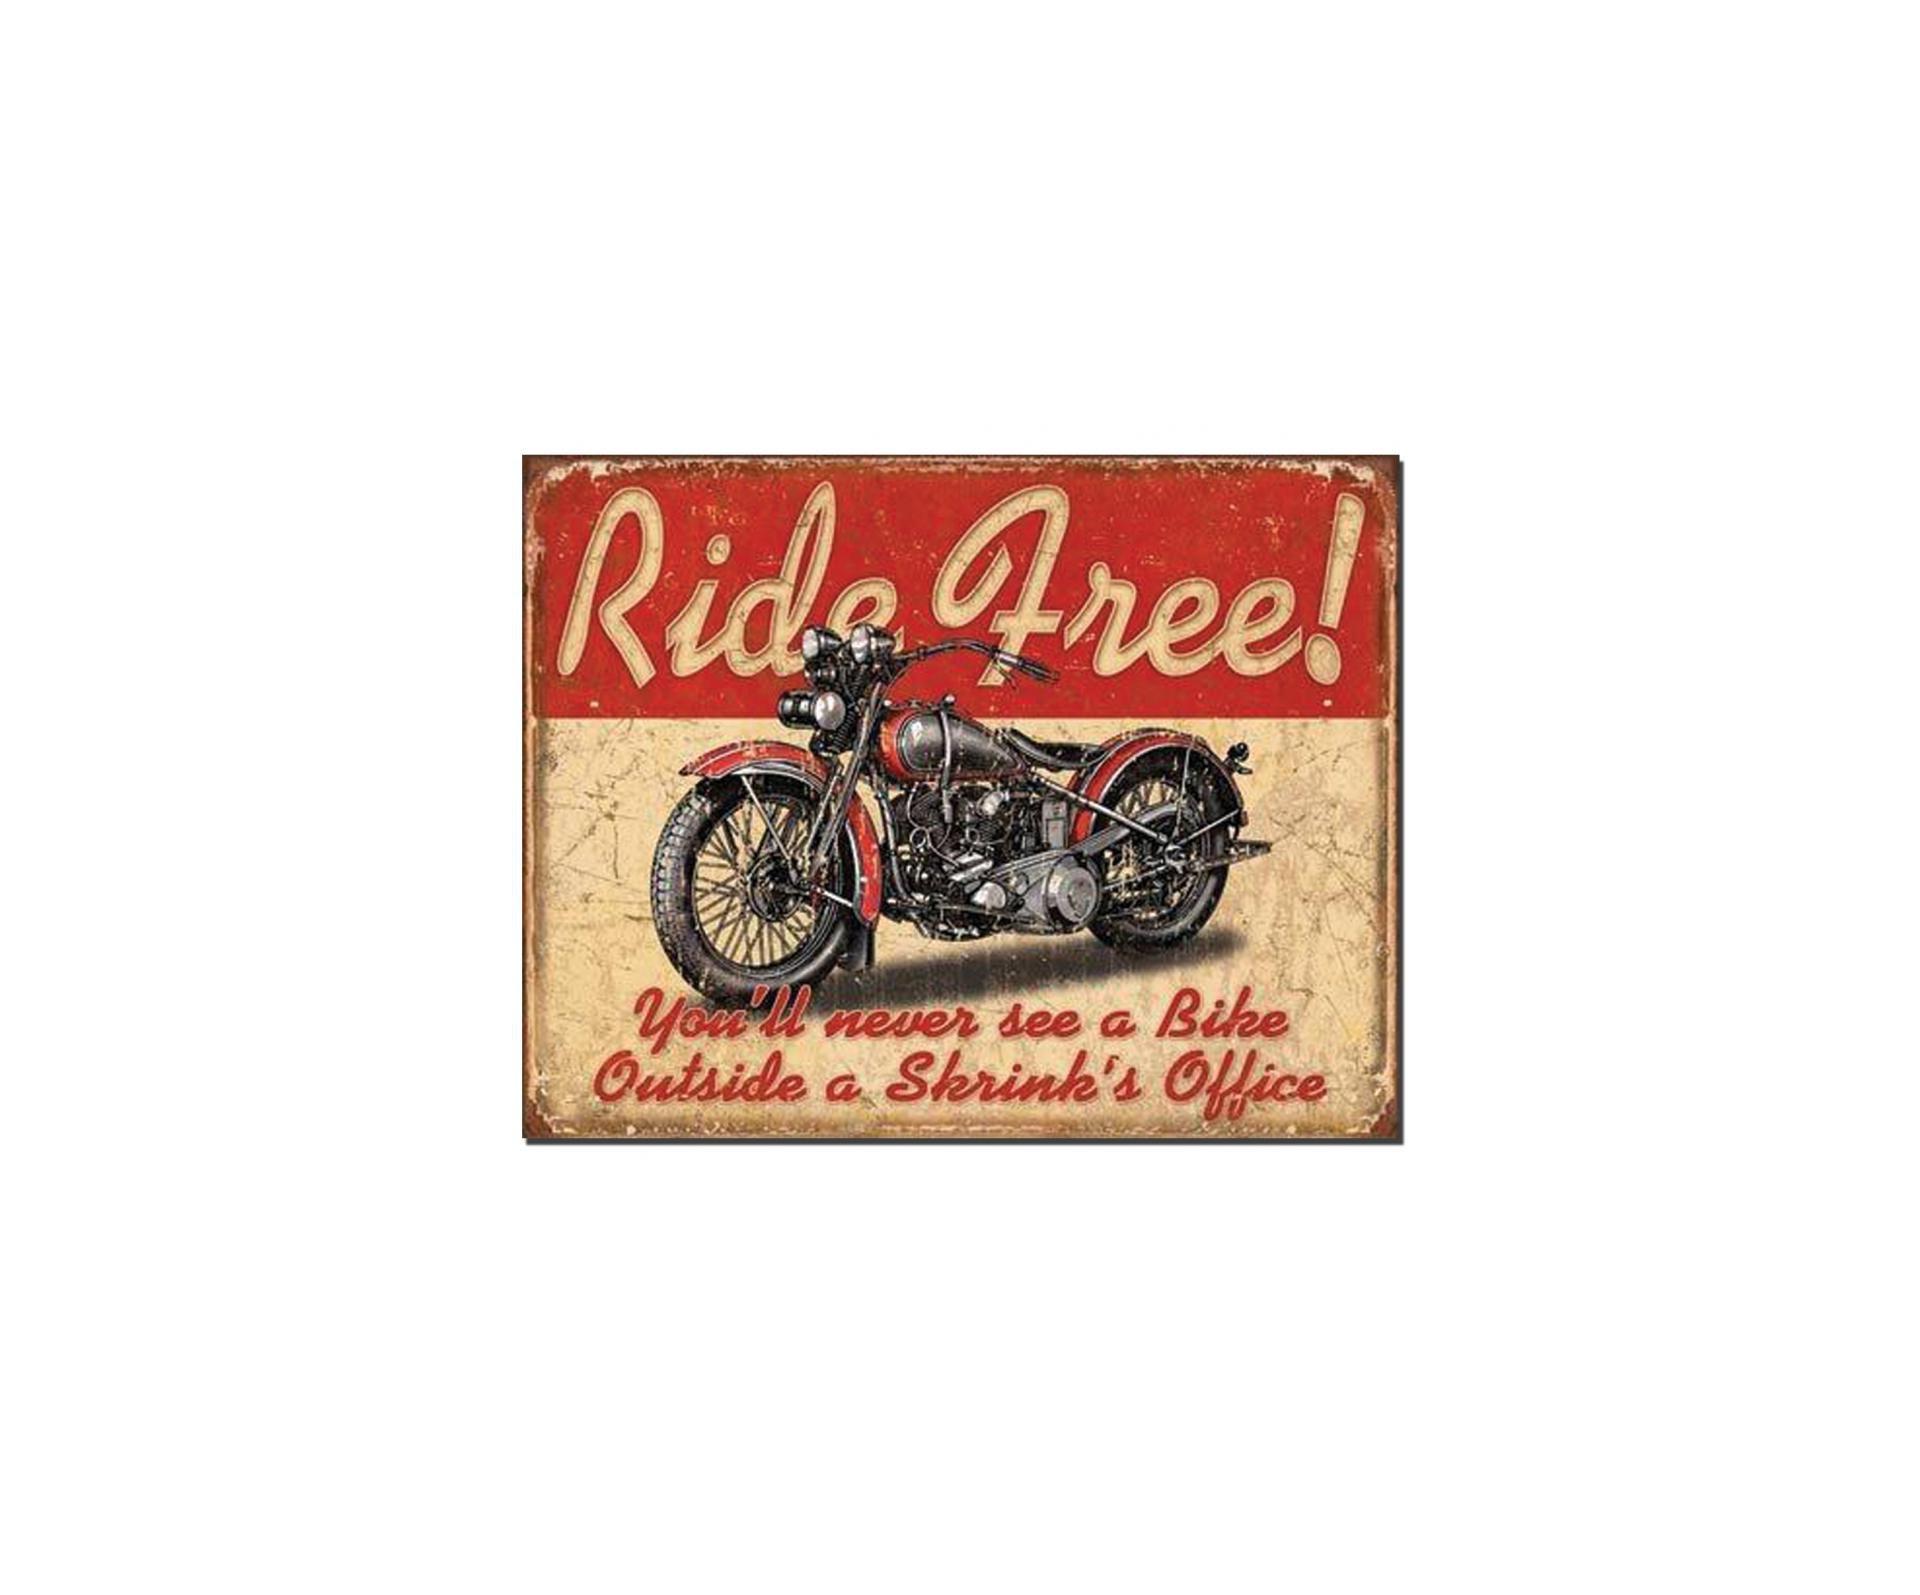 Placa Metálica Decorativa Ride Free - Rossi